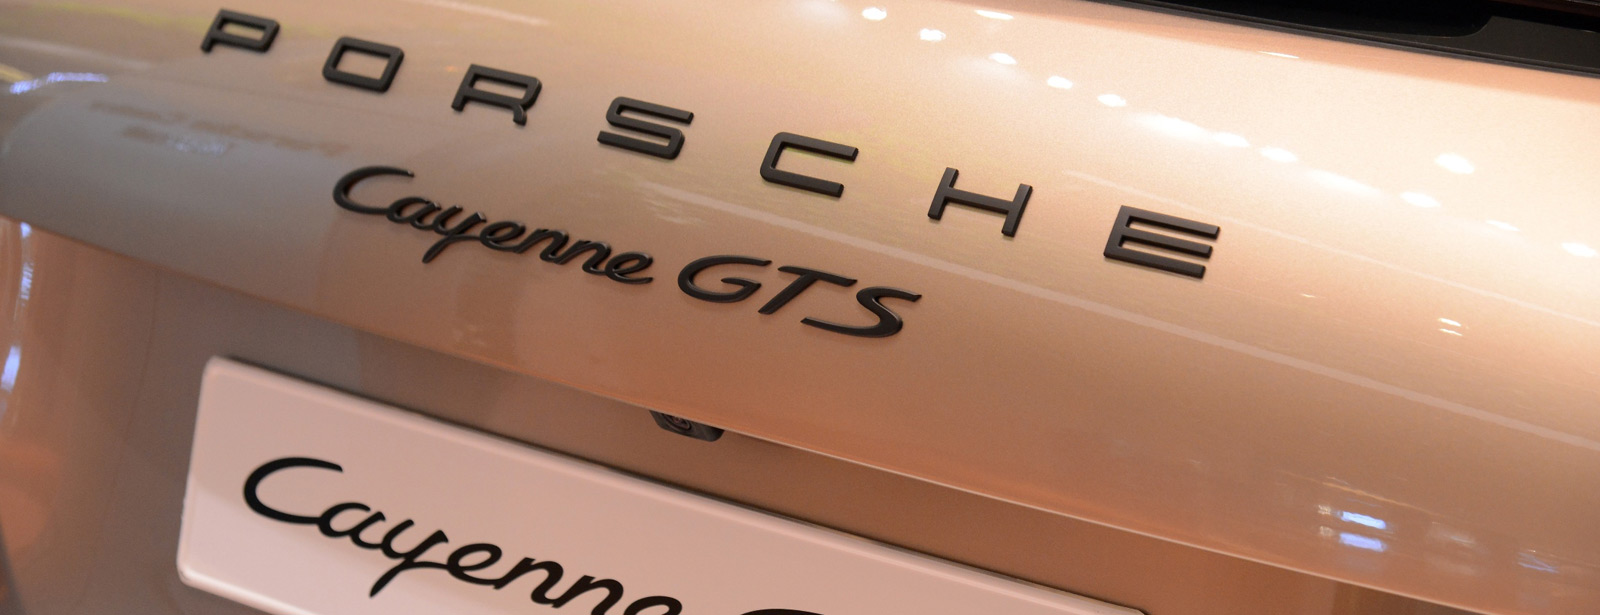 Porsche Centre Kuwait: Cayenne GTS Exclusive Palladium